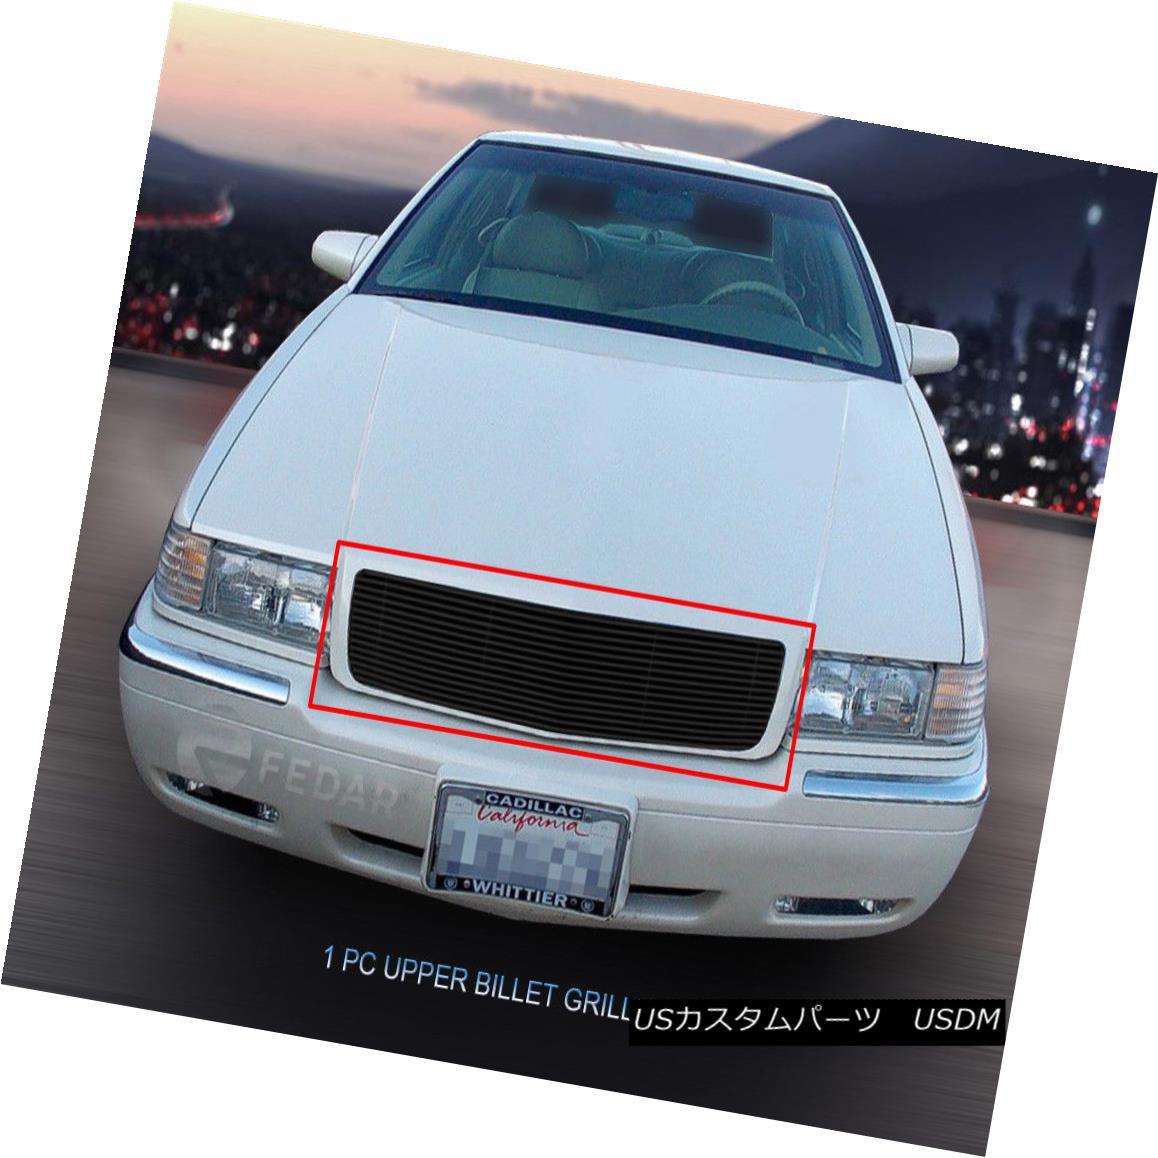 グリル Fits 1995-2002 Cadillac El Dorado Black Billet Grille Main Upper Insert Fedar フィット1995 - 2002キャデラックエルドラドブラックビレットグリルメインアッパーインサートフェルダー